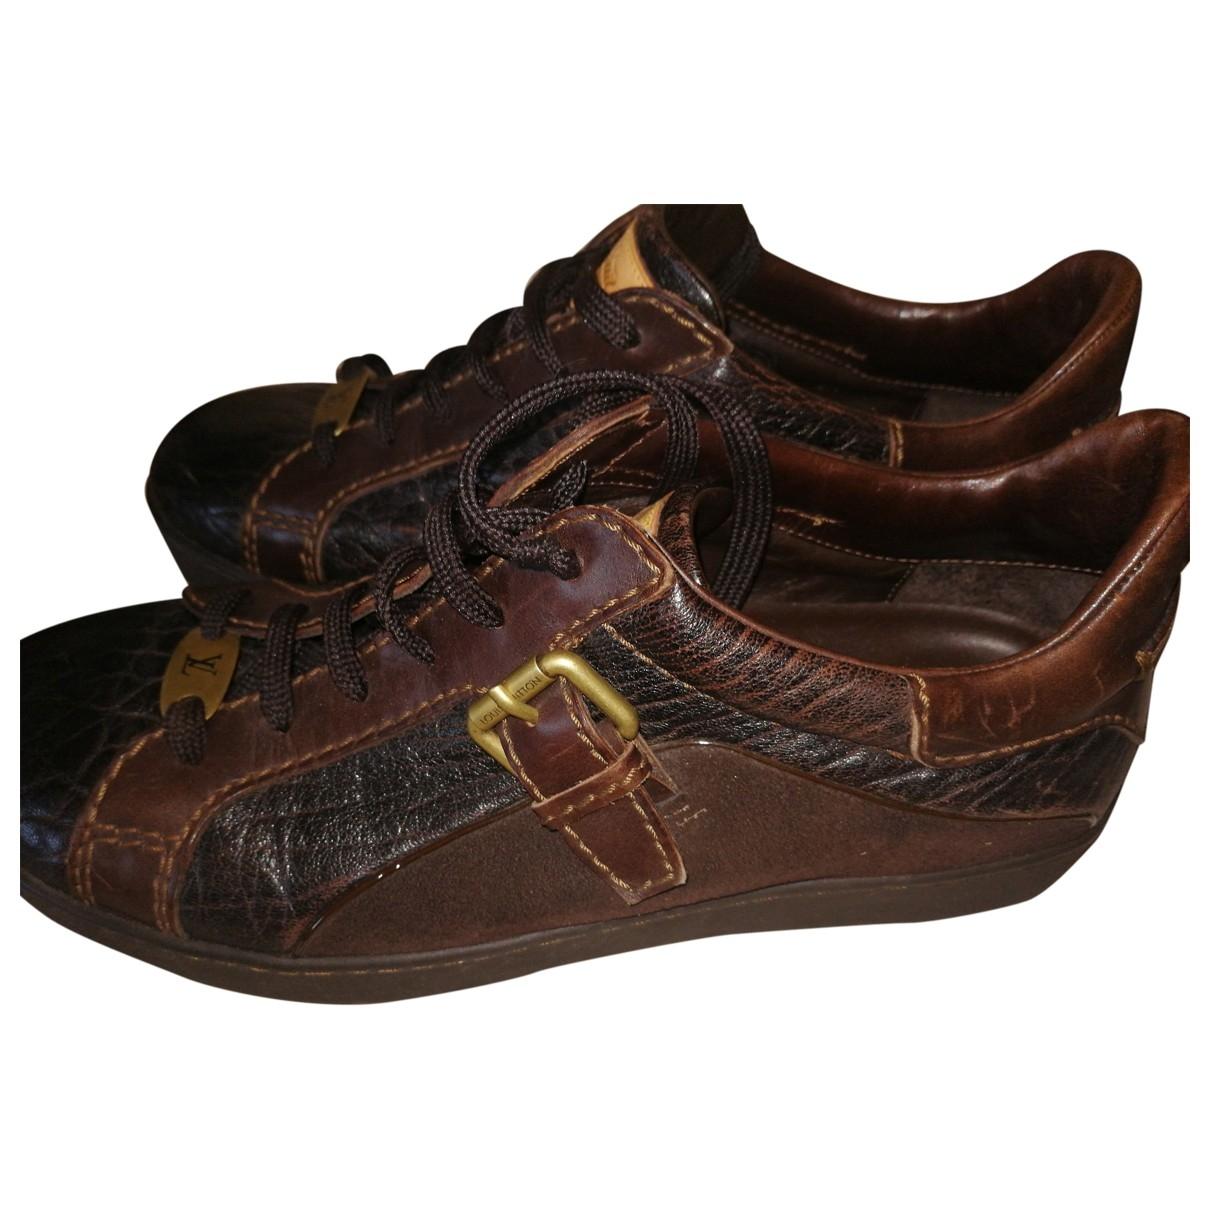 Louis Vuitton - Baskets   pour homme en crocodile - marron